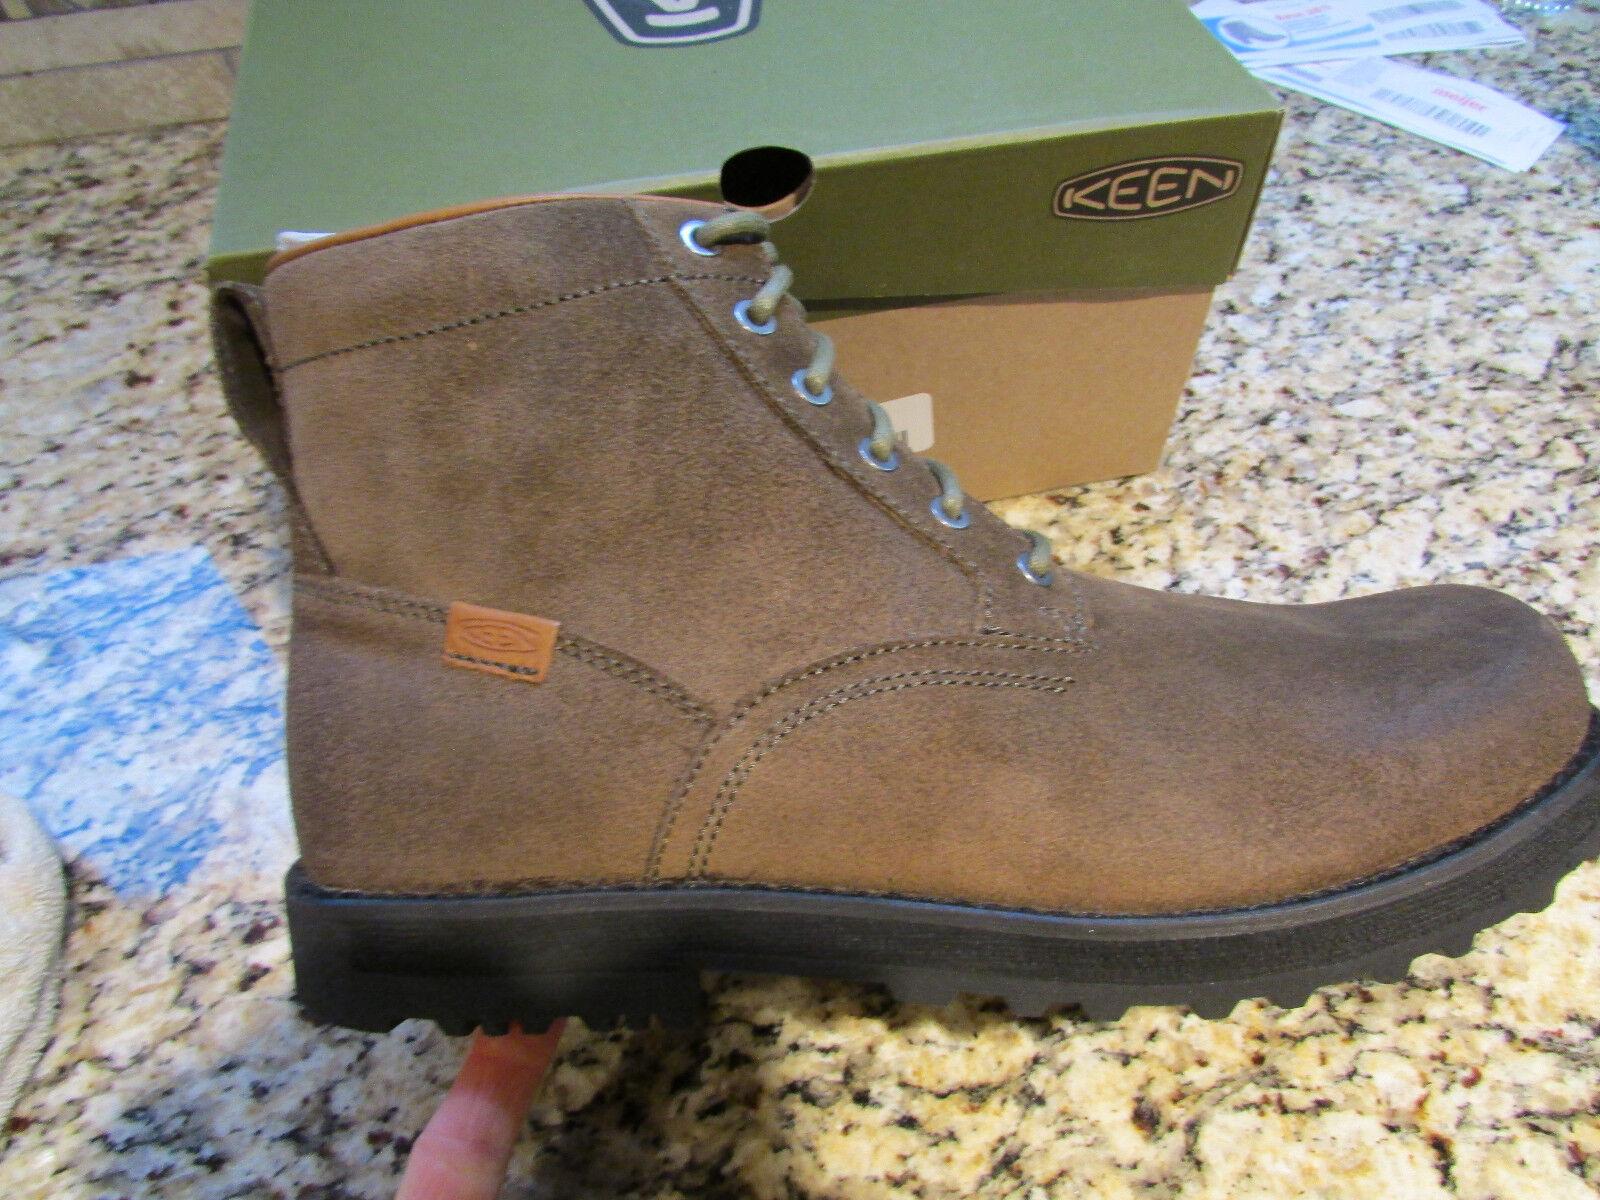 Nuevas botas De Gamuza Keen el 59 SHITAKE botas al tobillo para Hombre 12 1013793 Marrón claro